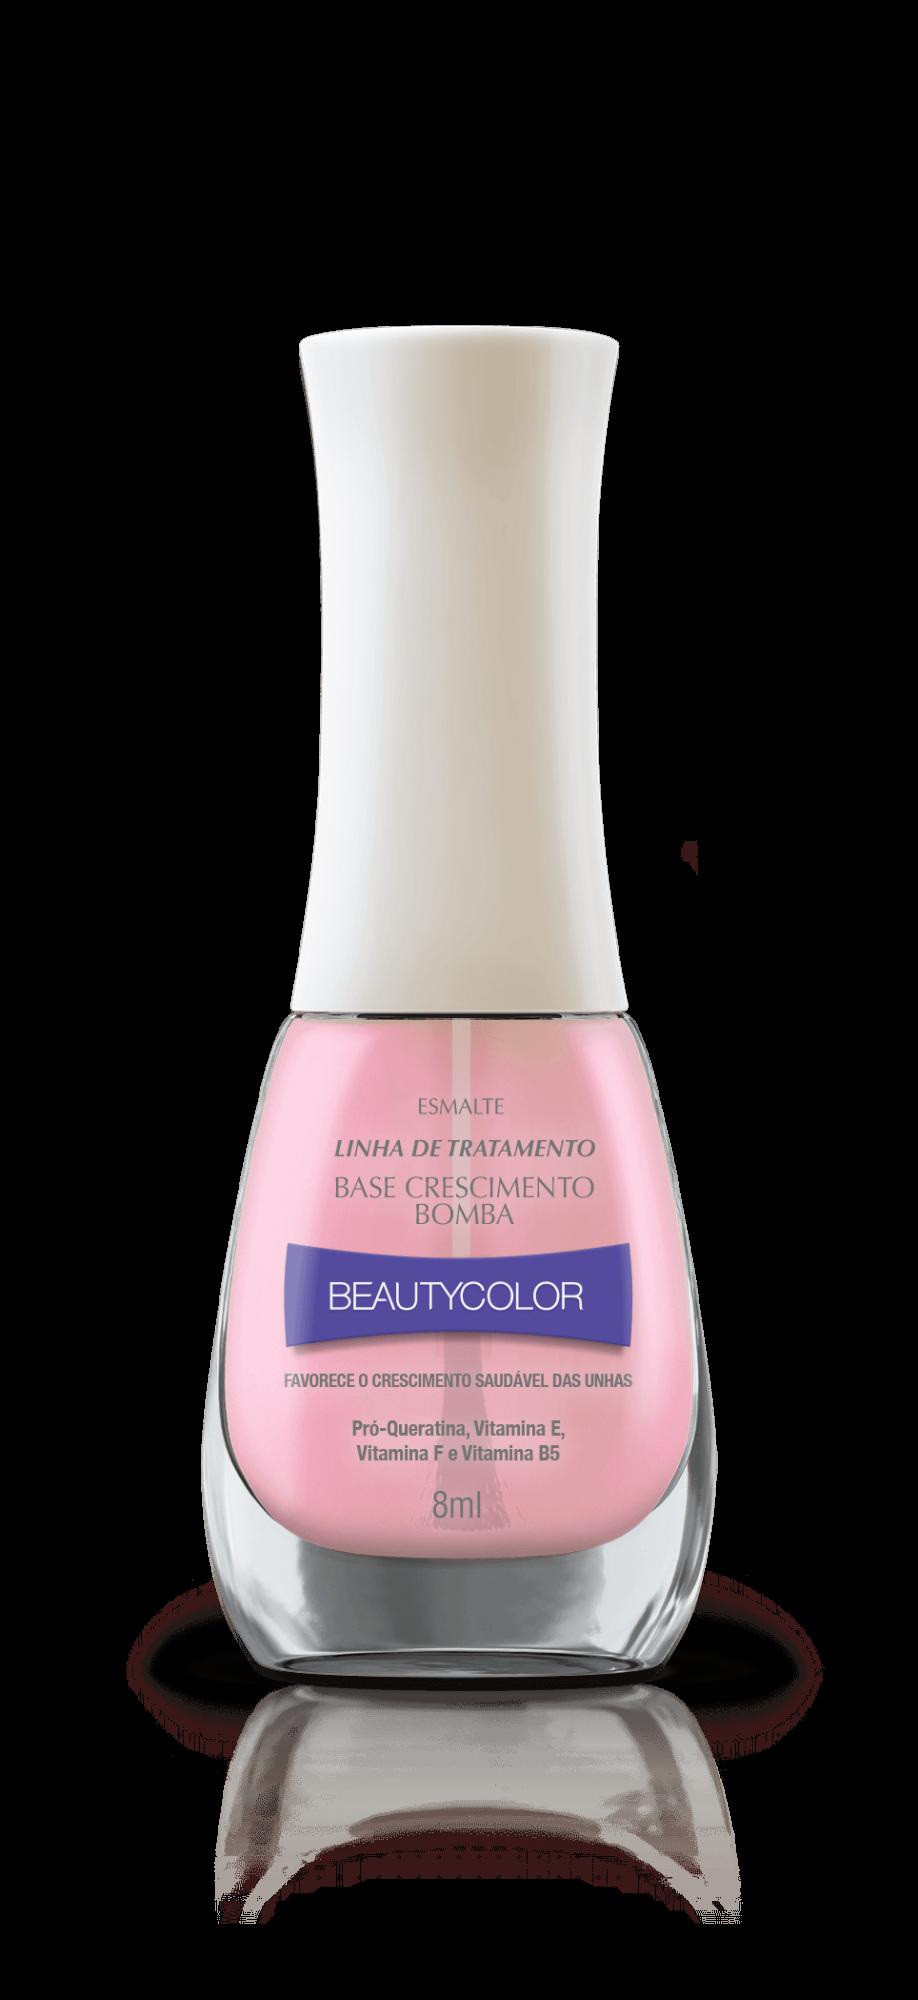 Base de Crescimento Bomba - Esmalte Beautycolor